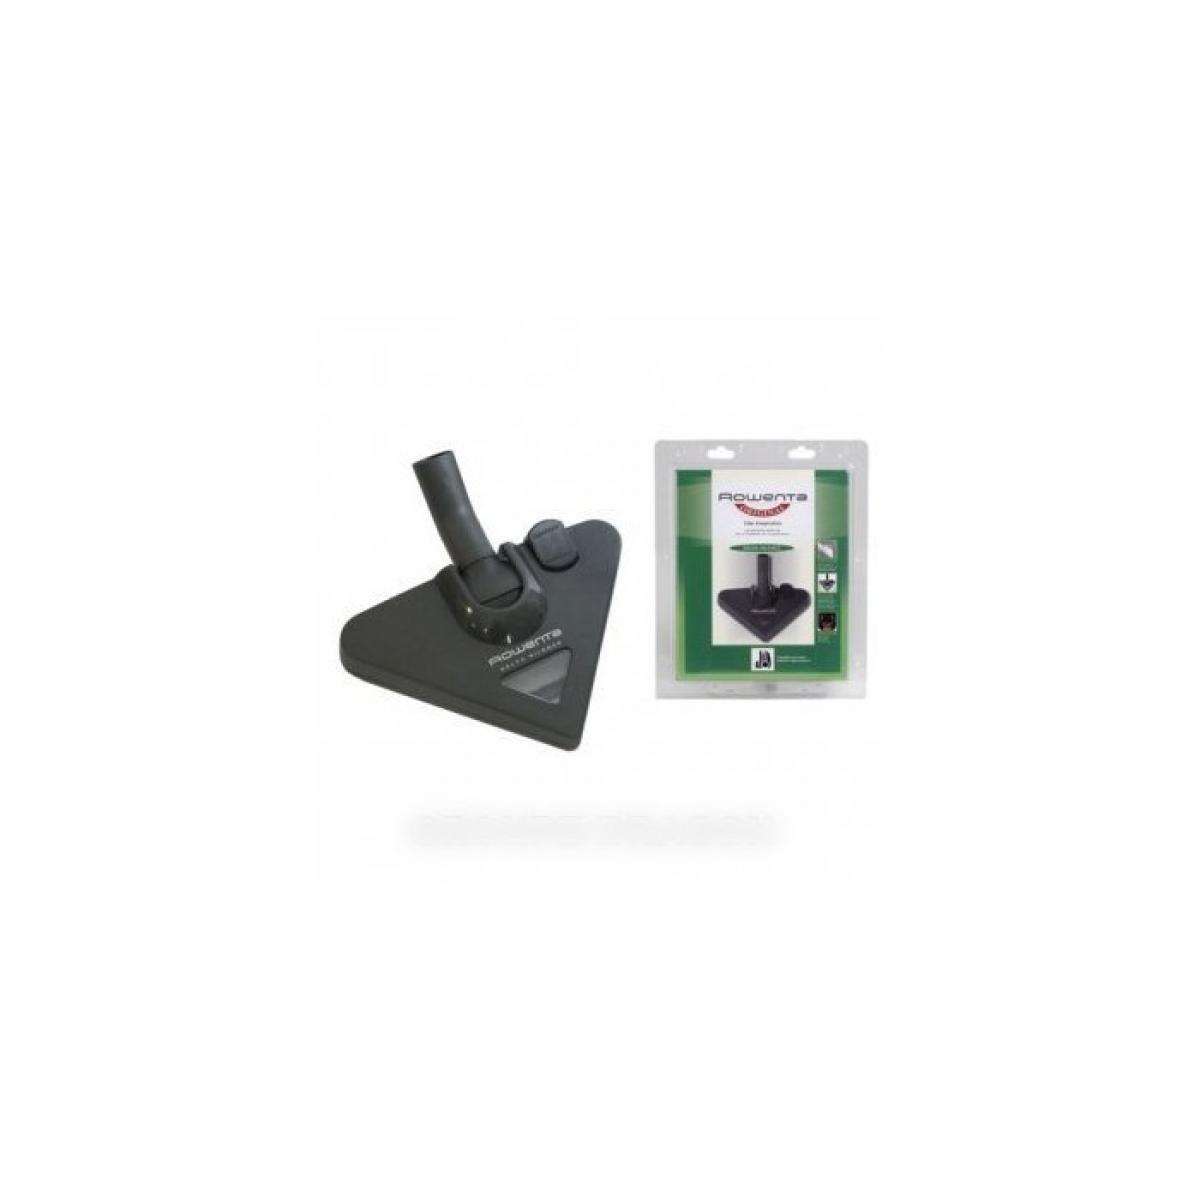 Rowenta Brosse delta silence sous blister ø32-35 mm pour aspirateur rowenta